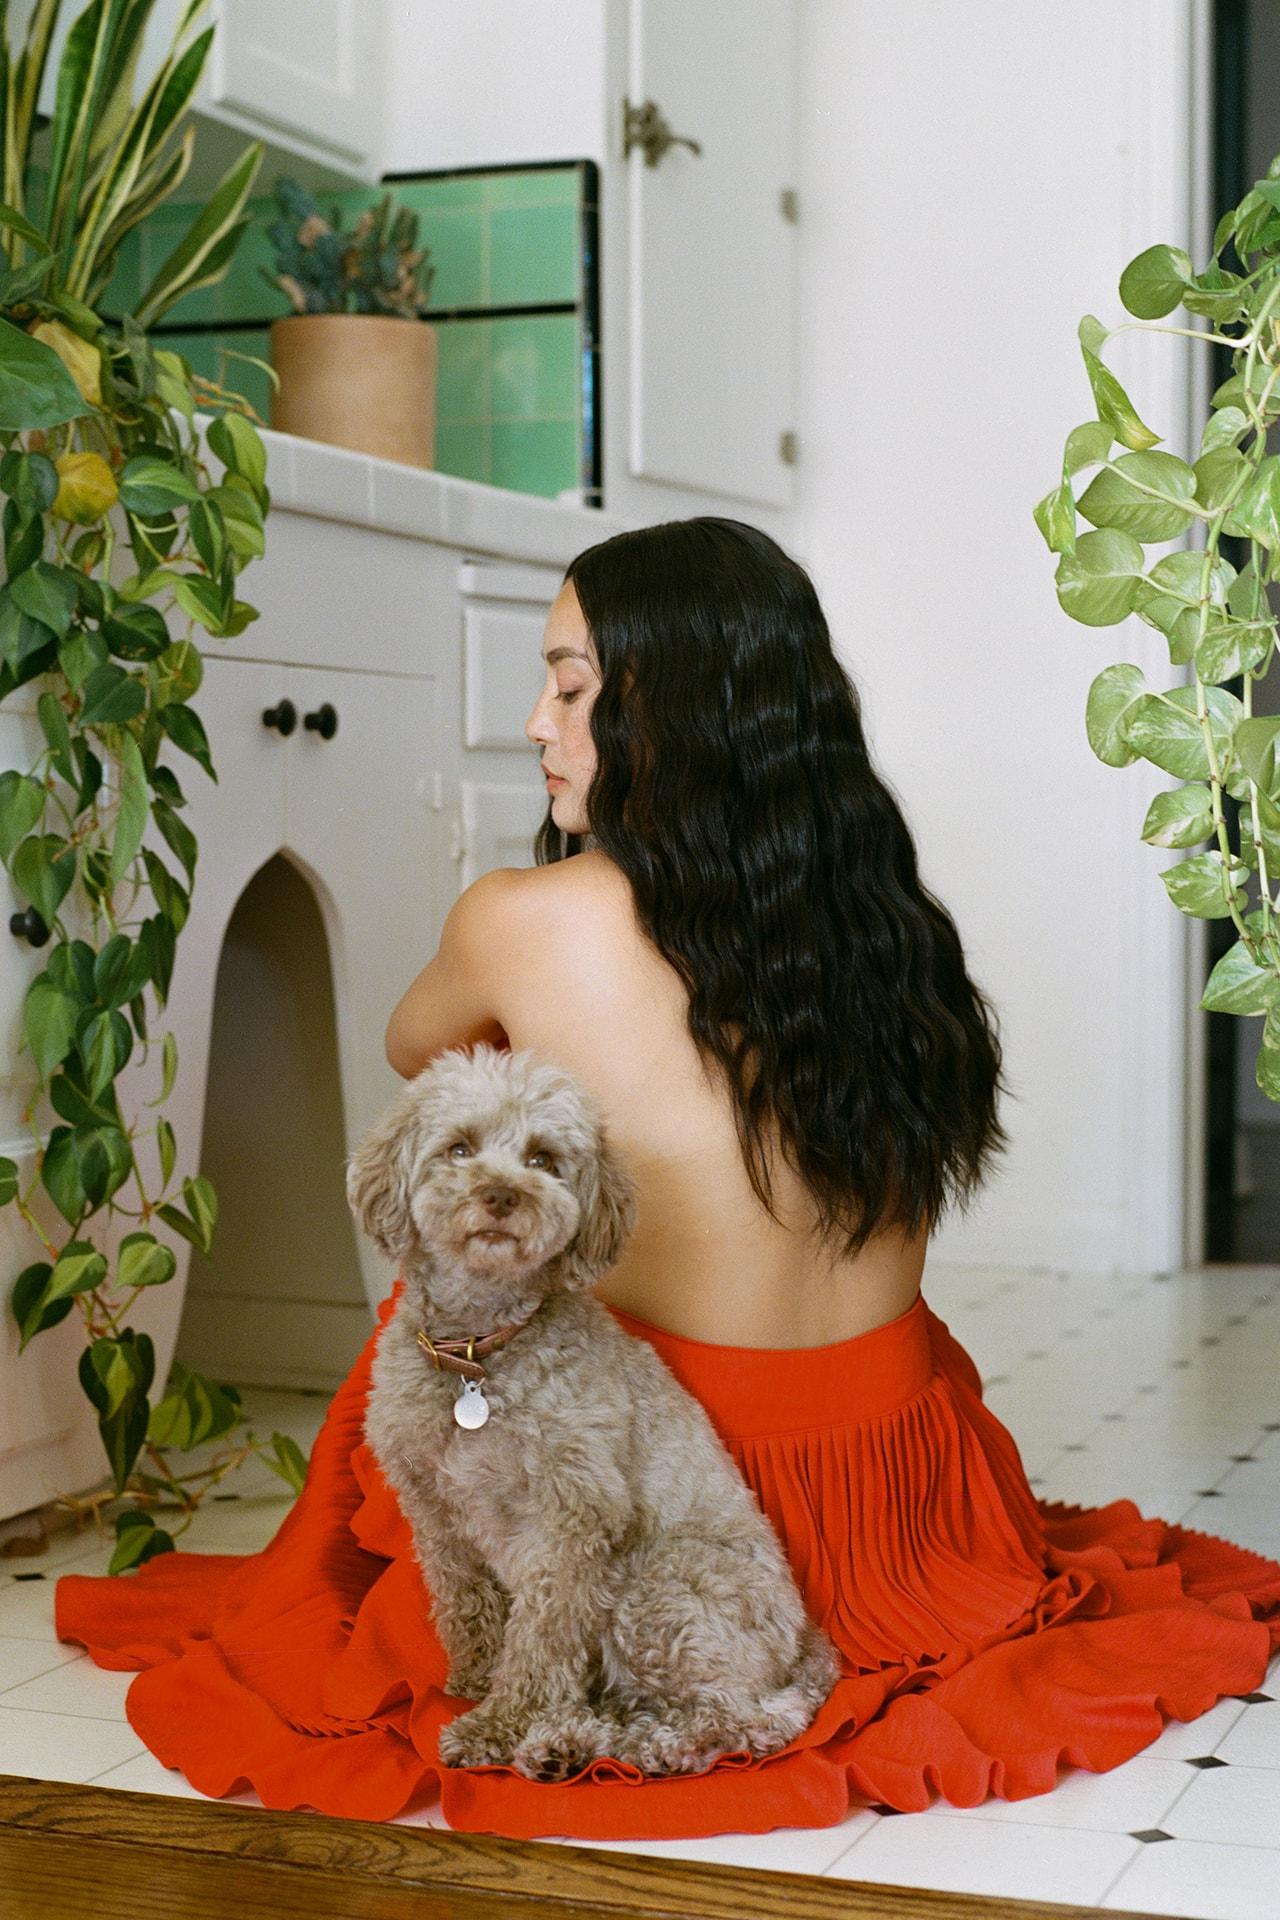 SOSUPERSAM Samantha Duenas Dog Pet Red Skirt Home Kitchen Wavy Hair